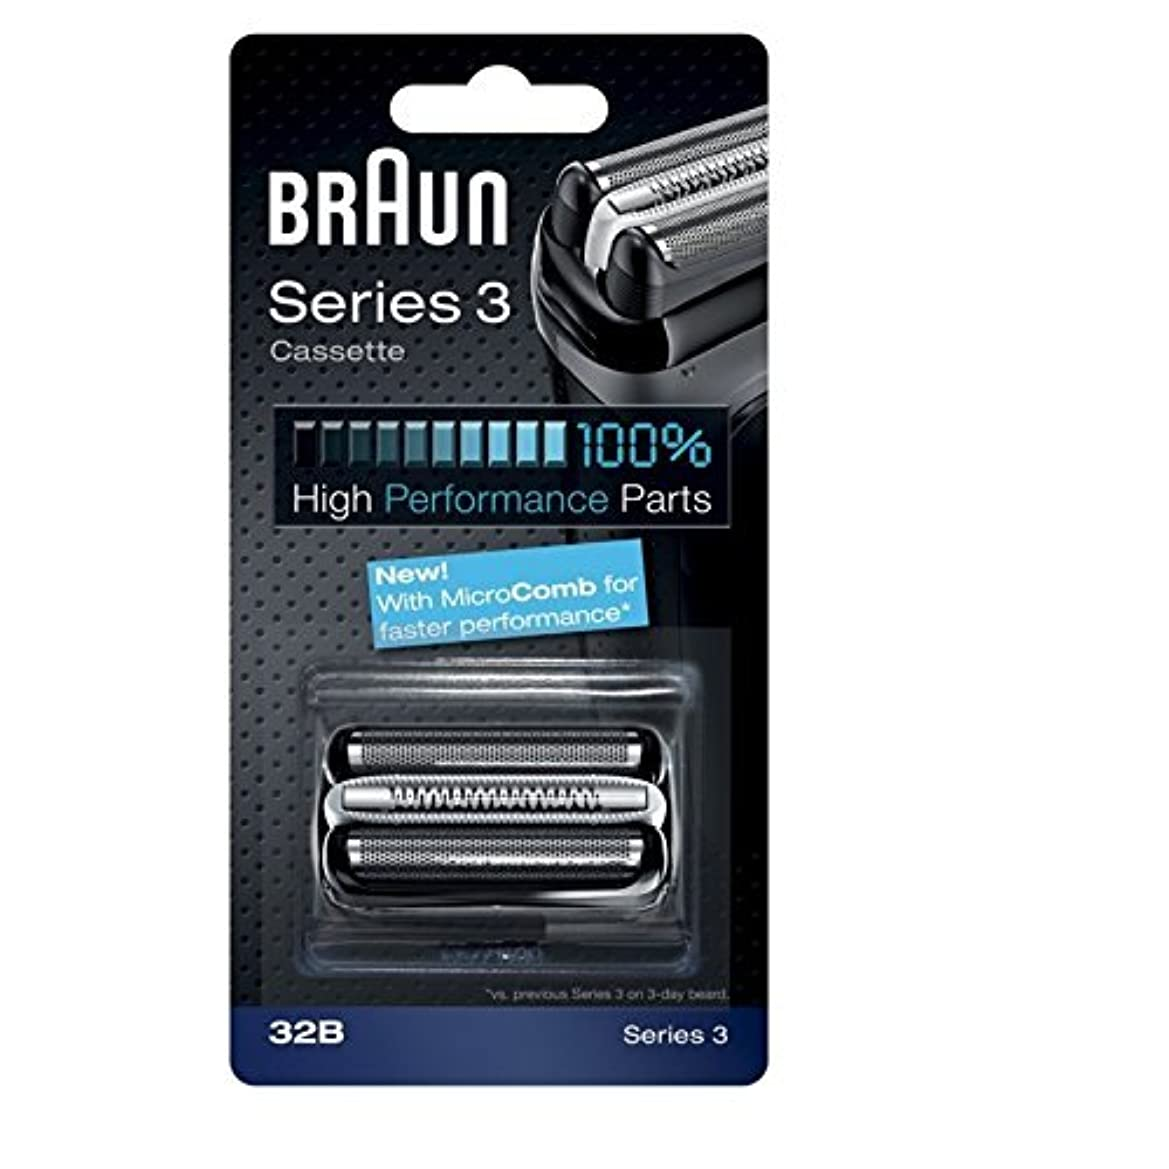 冷蔵庫同意する解釈するBraun razor Replacement Foil & Cutter Cassette 32B Series 3 320 330 340 350CC black shaving heads [並行輸入品]